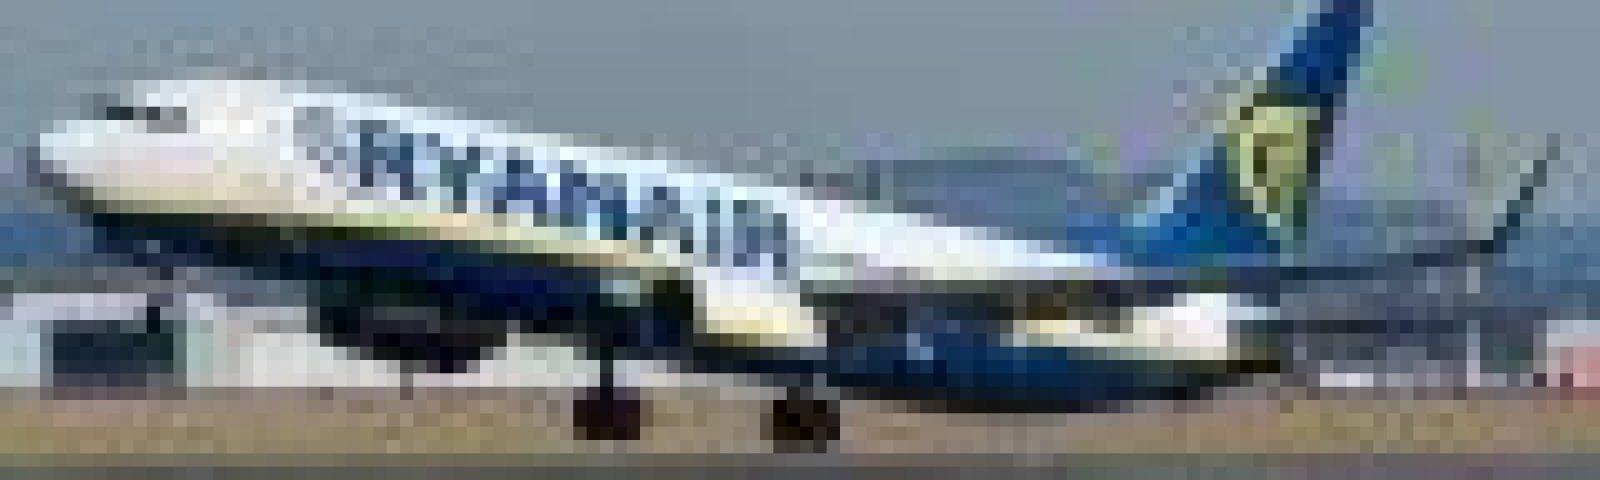 Аэропорт Хельсинки: как удобнее всего добраться в город